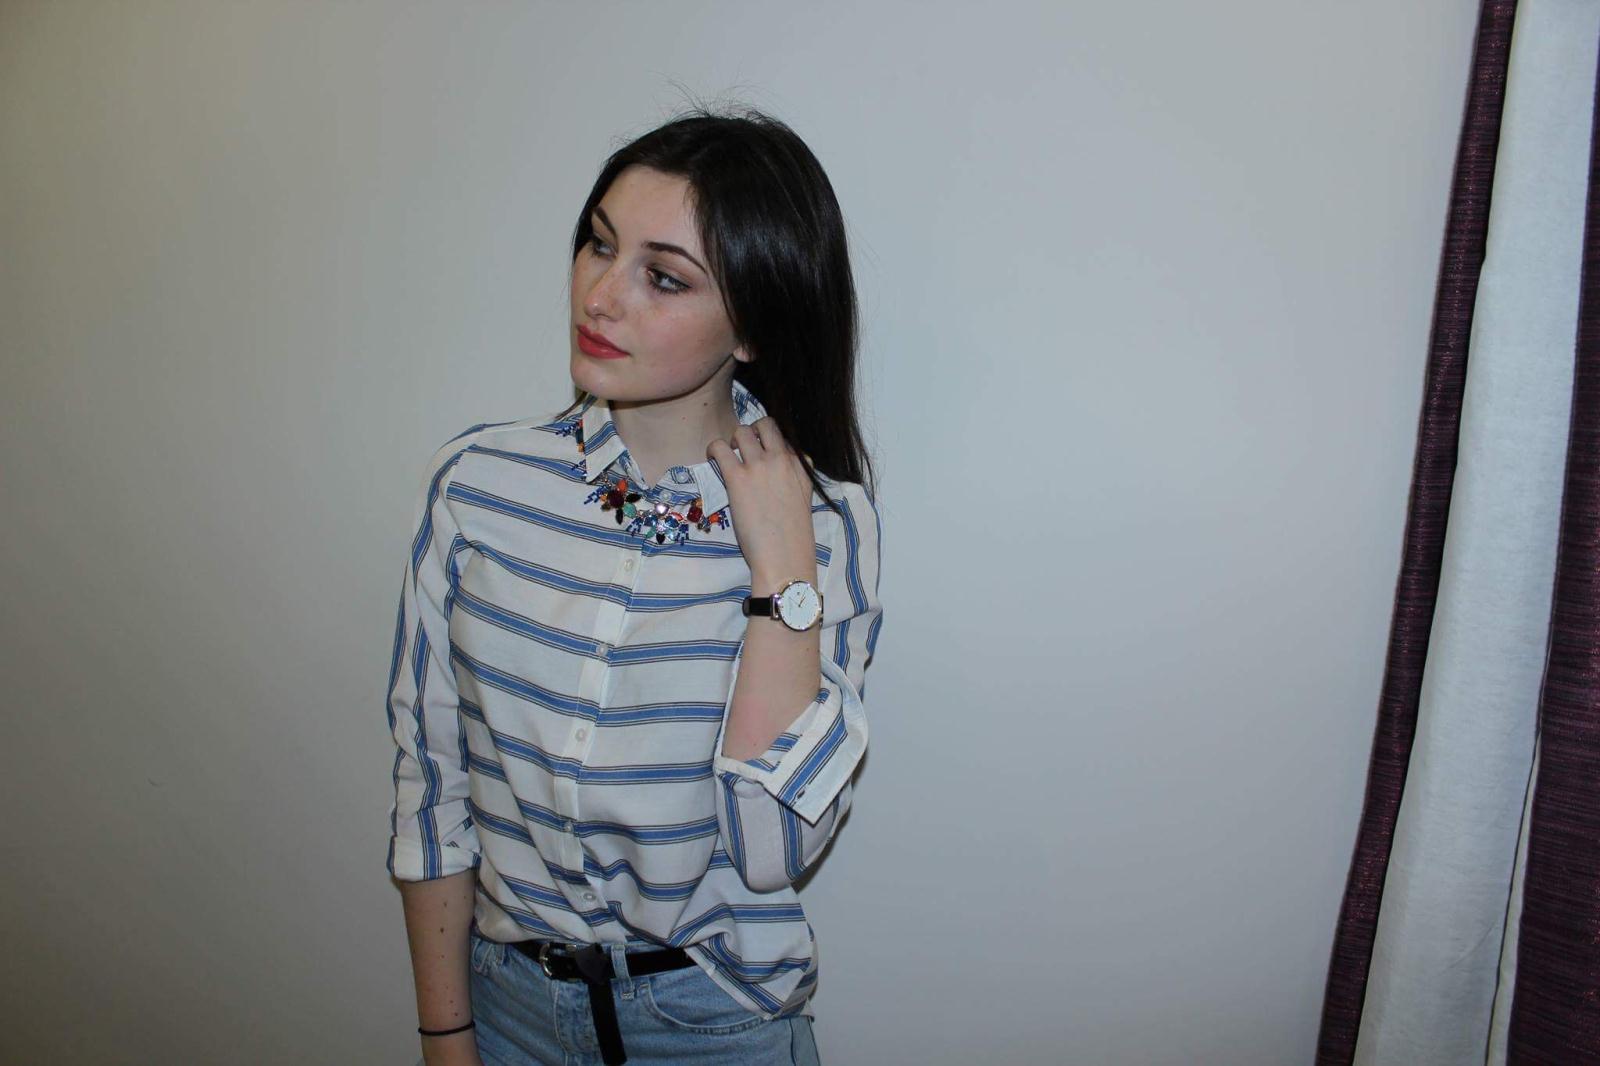 Vero Moda Shirt & Statement Necklace £22.50 M&S